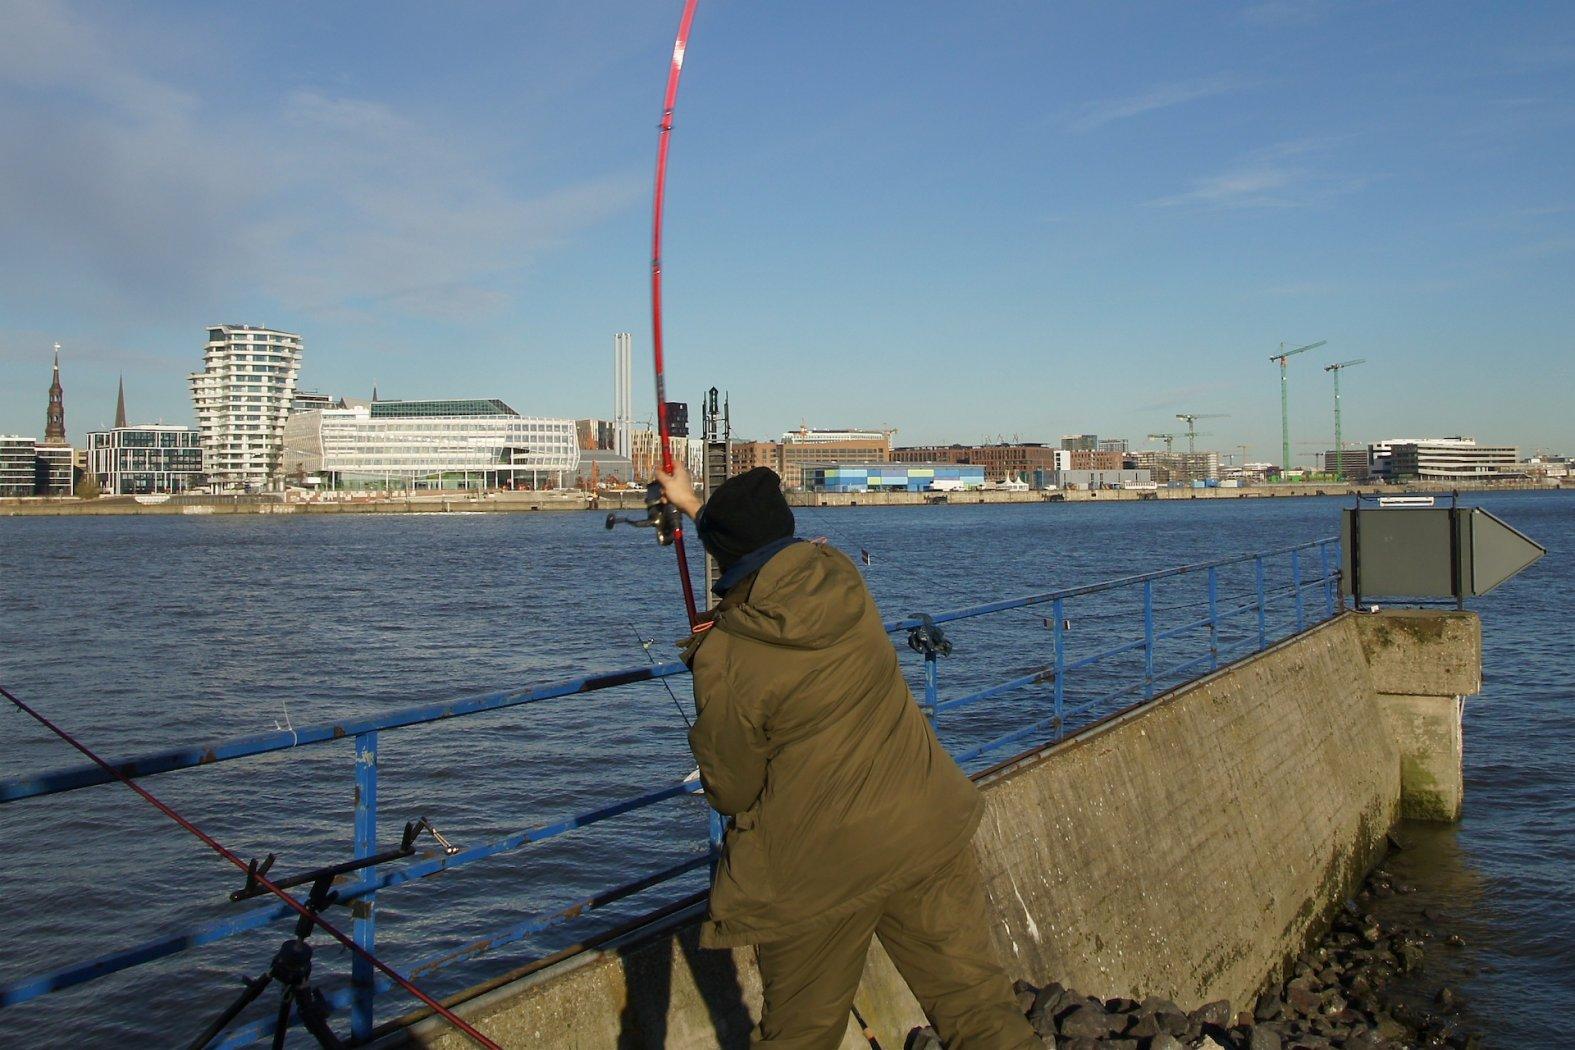 Angeln am Hamburger Hafen